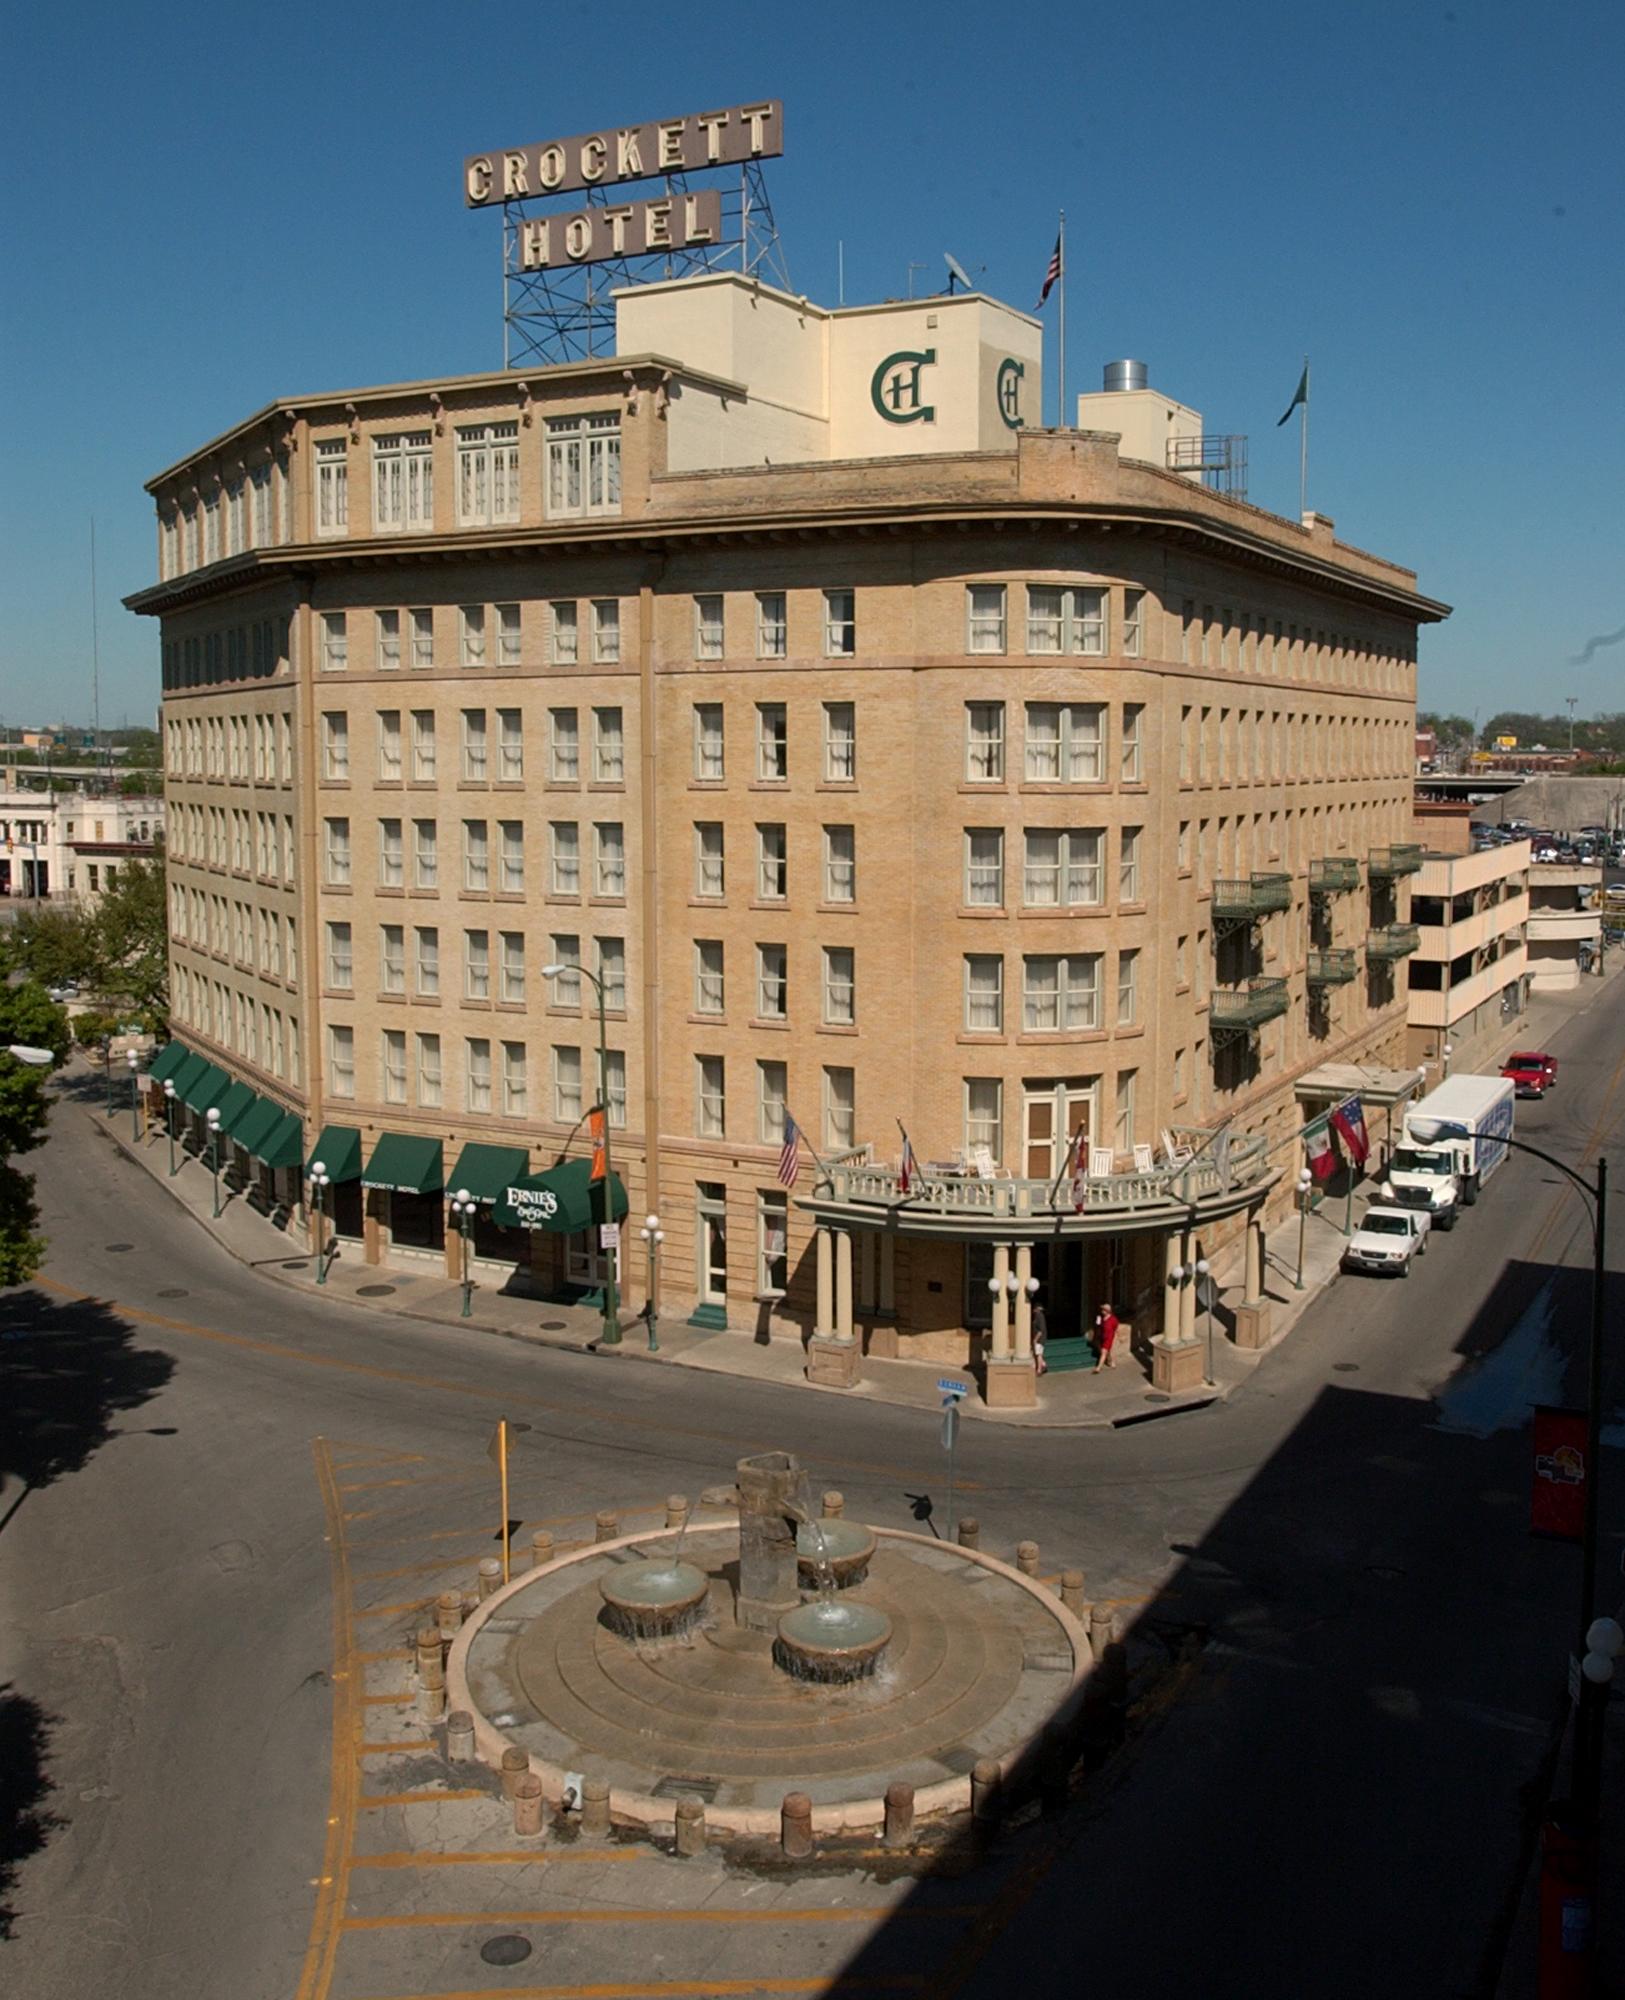 Crockett Hotel Has A Unique History Expressnewscom